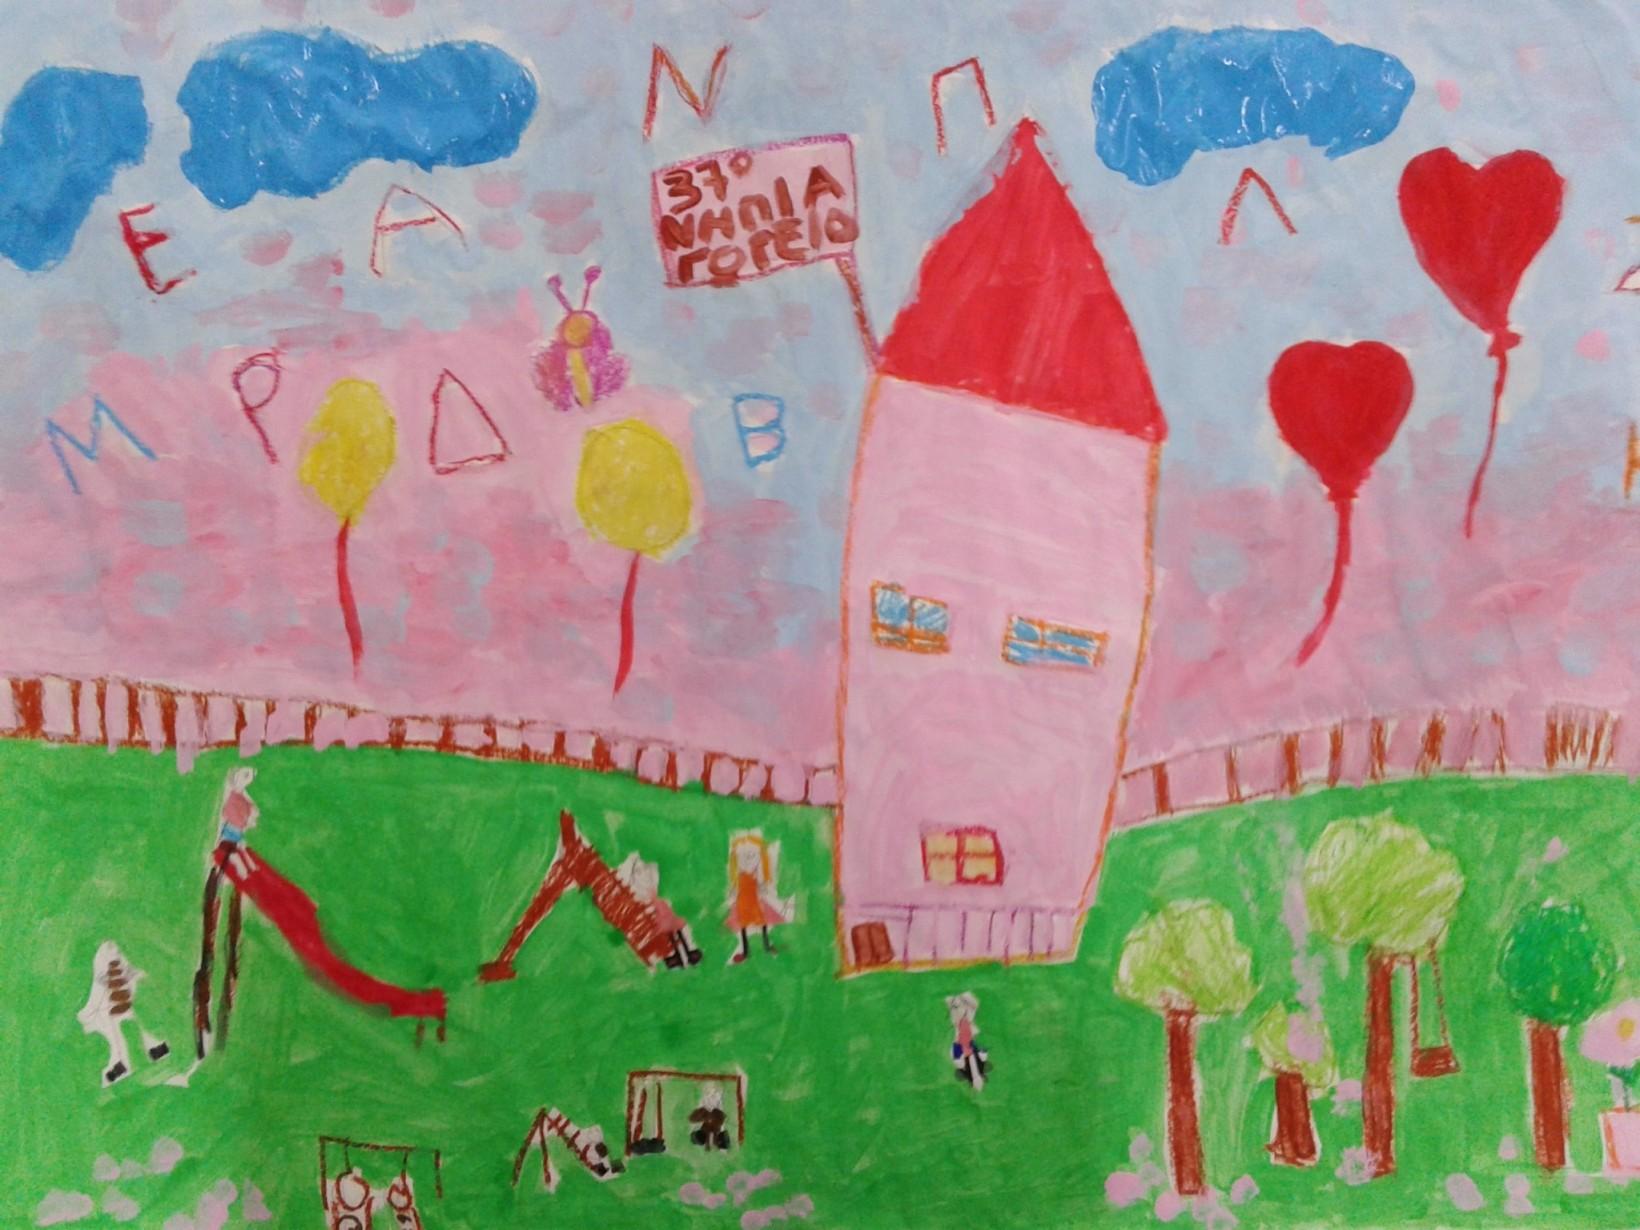 Το αειφόρο σχολείο-το σχολείο που ονειρευόμαστε